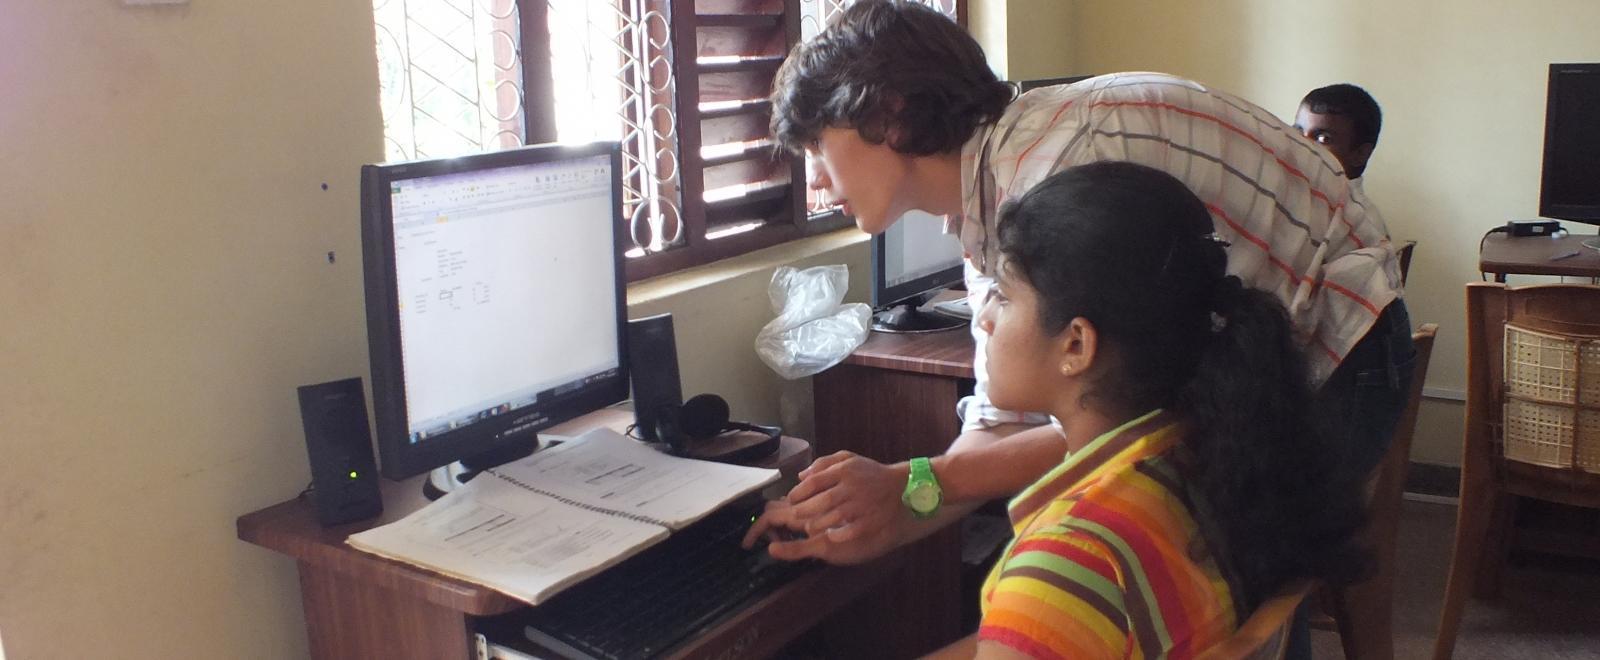 Un voluntario como profesor de informática en un centro educativo de Sri Lanka.